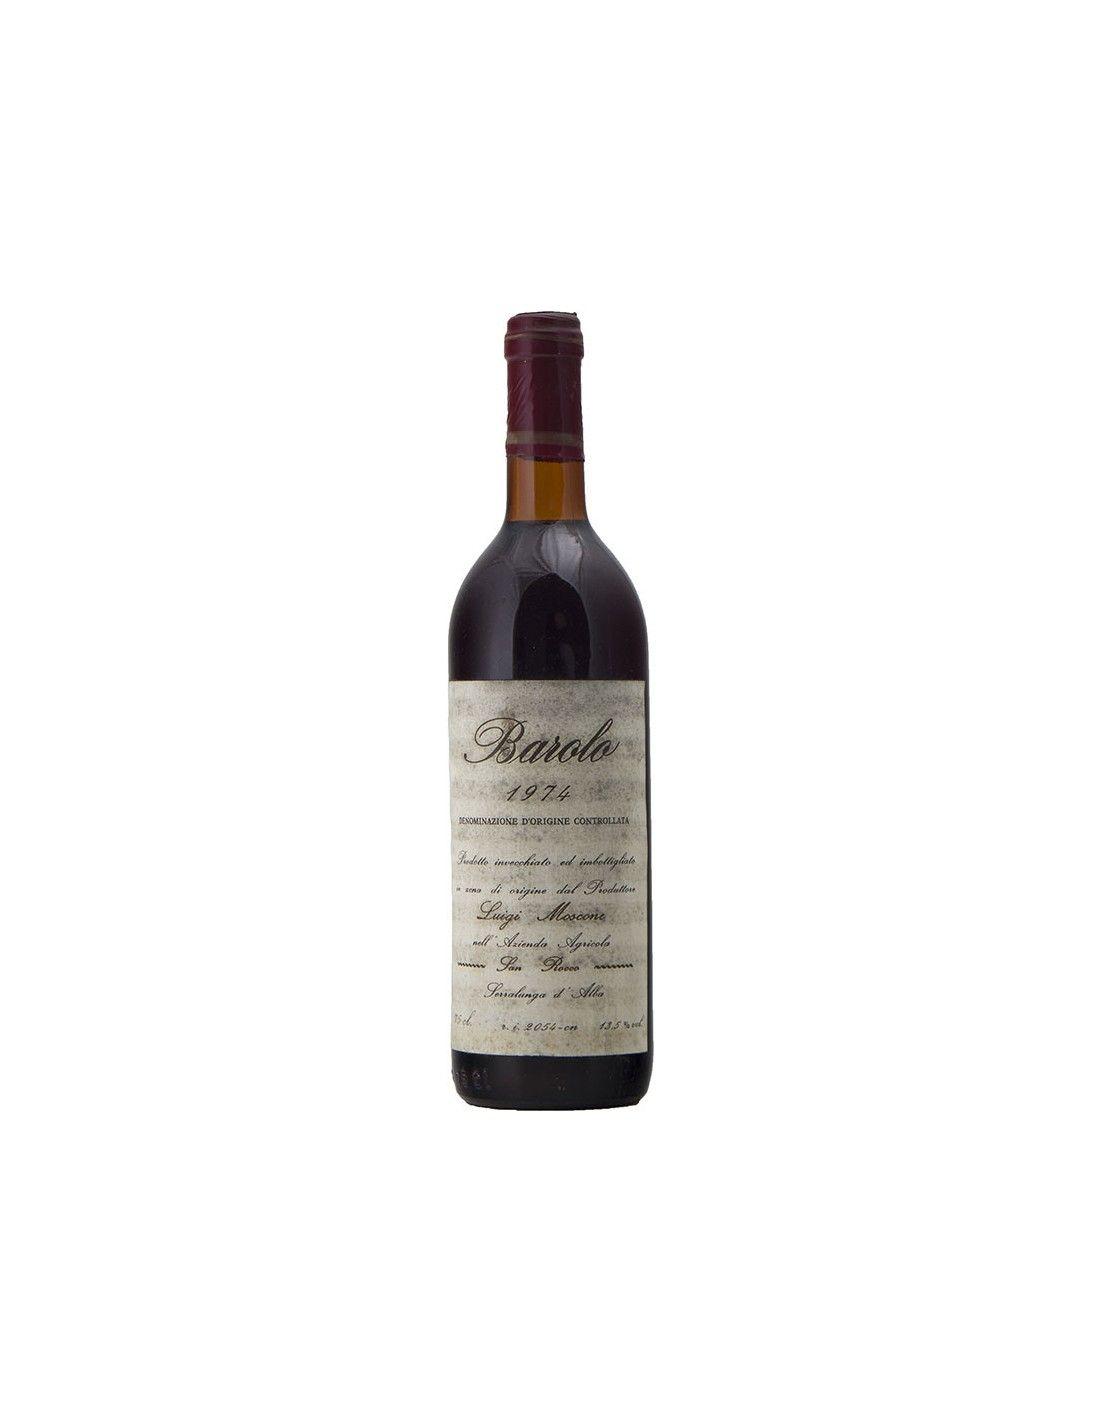 BAROLO 1974 MOSCONE Grandi Bottiglie